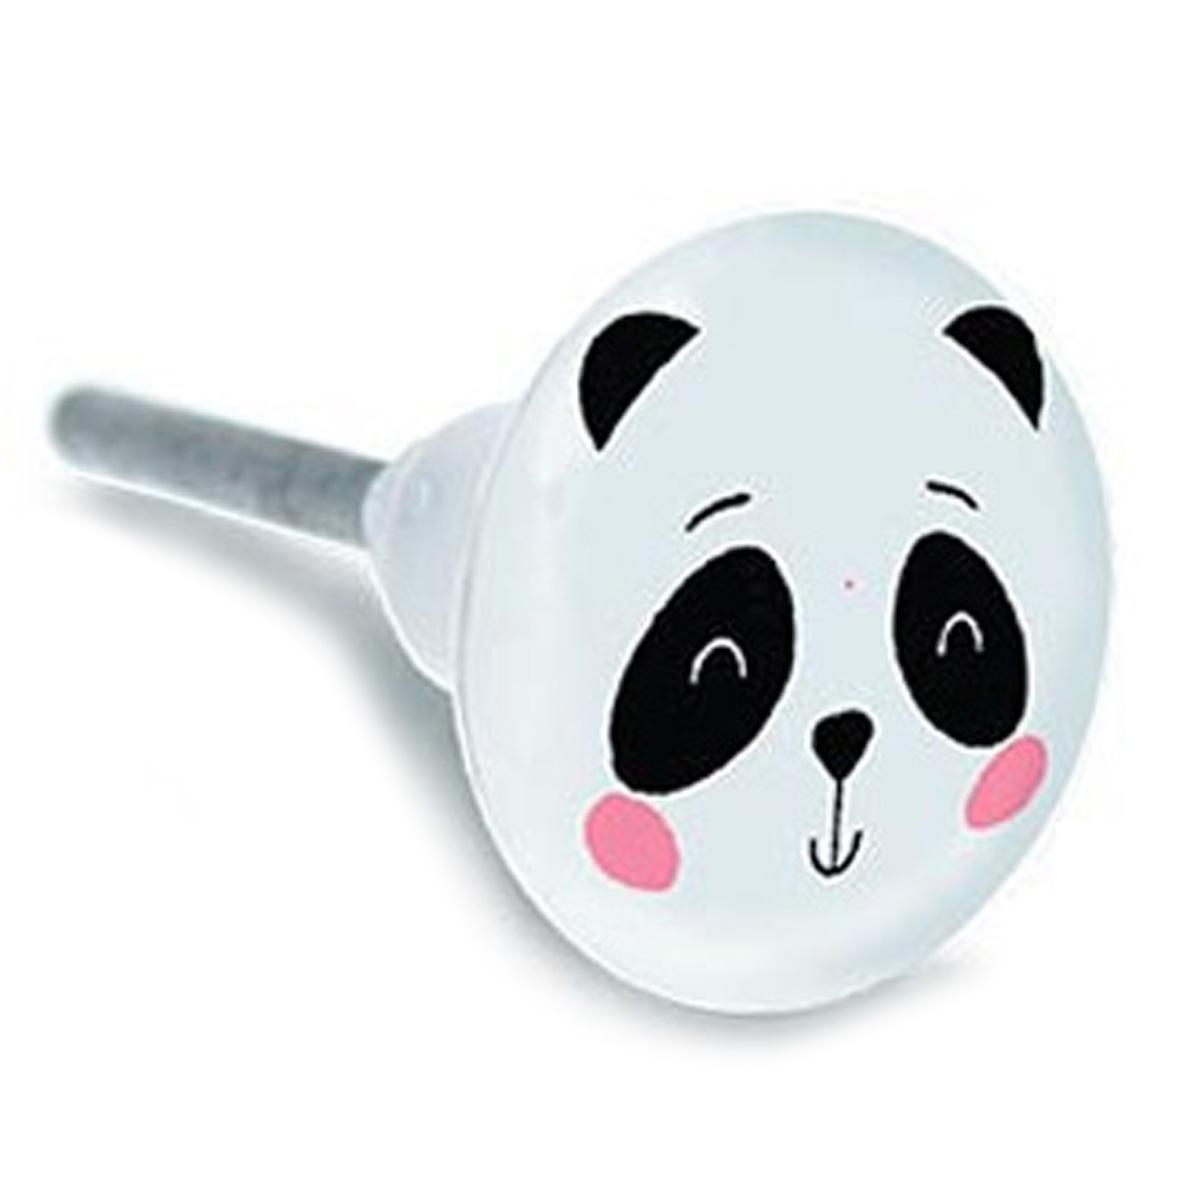 Bouton meuble céramique \'Panda\' noir blanc - 65x35 mm - [A2193]